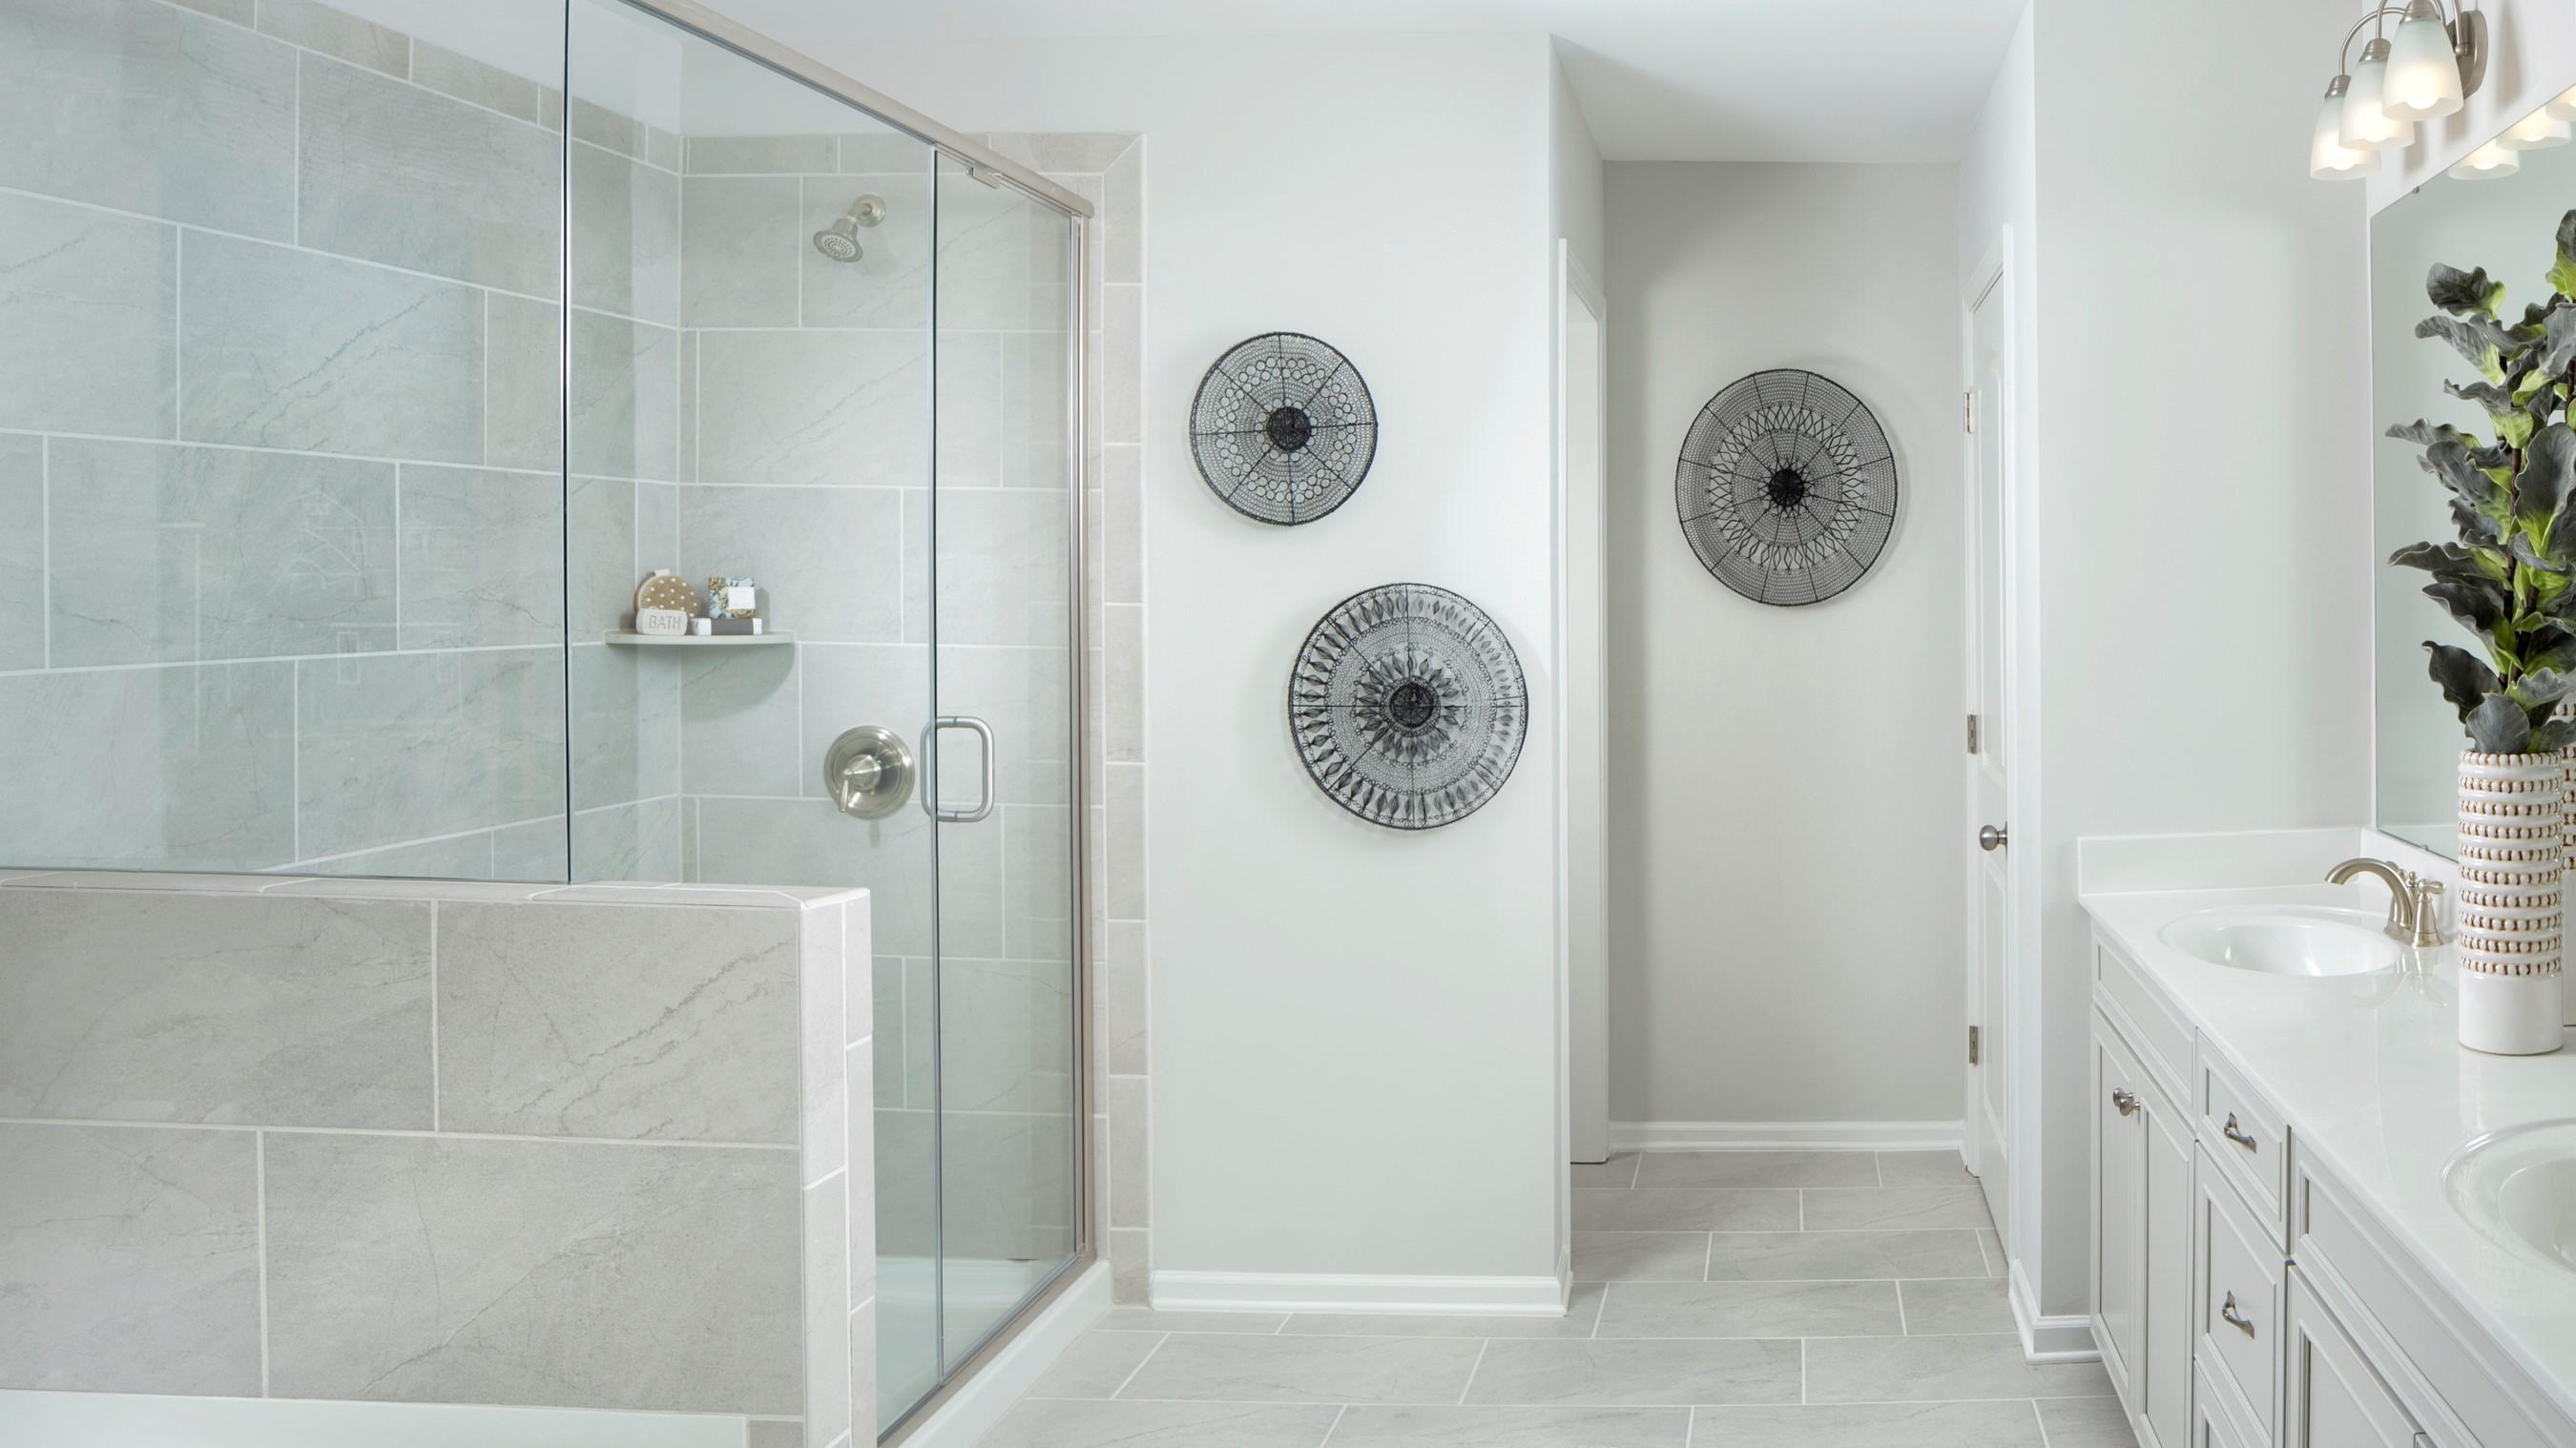 Braeburn_Parker_Model_Owners_Bath_RHP_1024x512.jpg